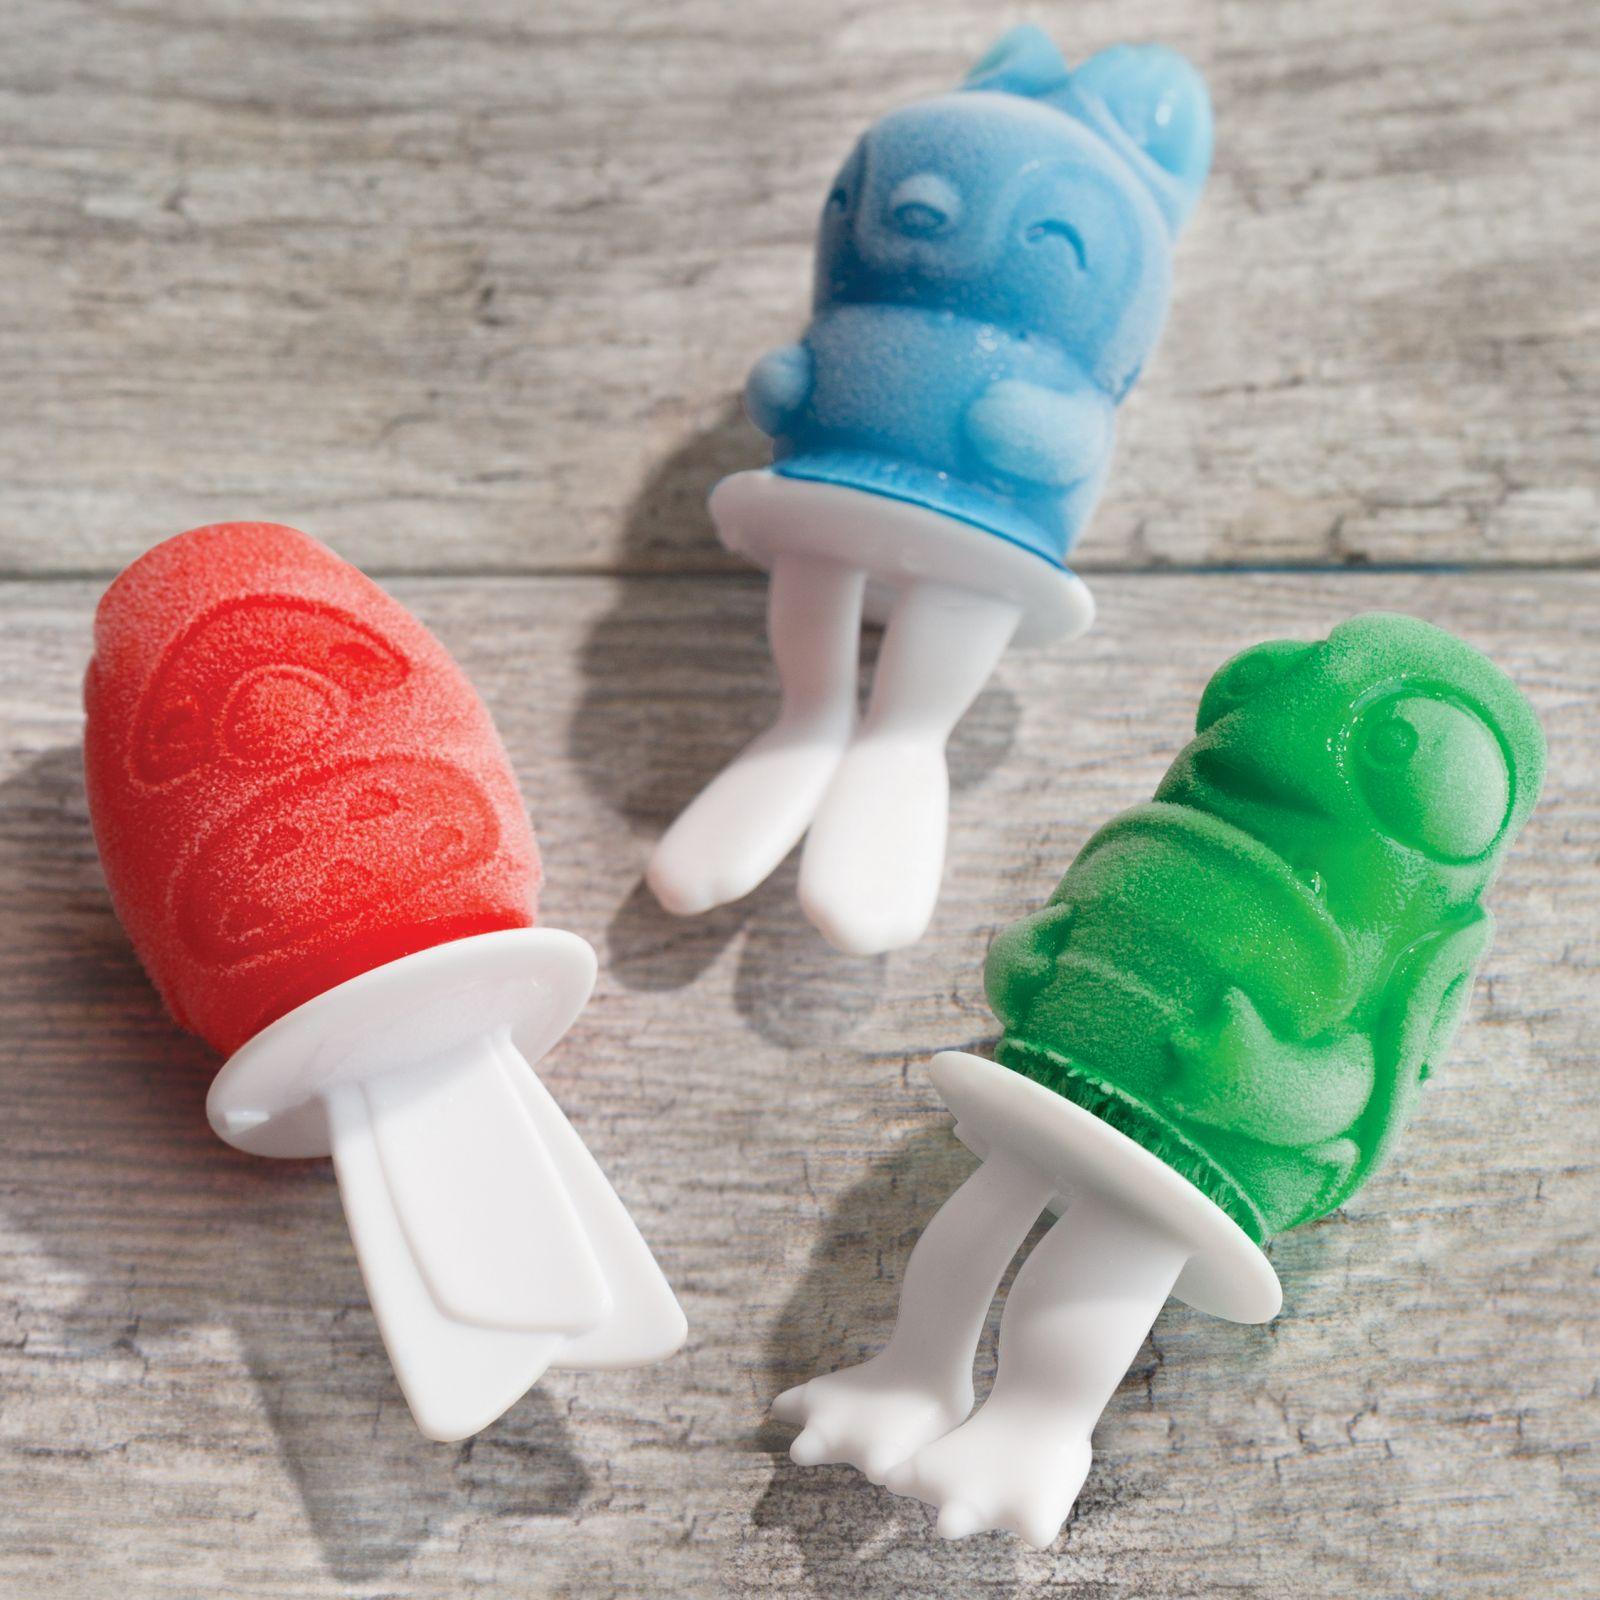 冰棒家庭废物利用小制作